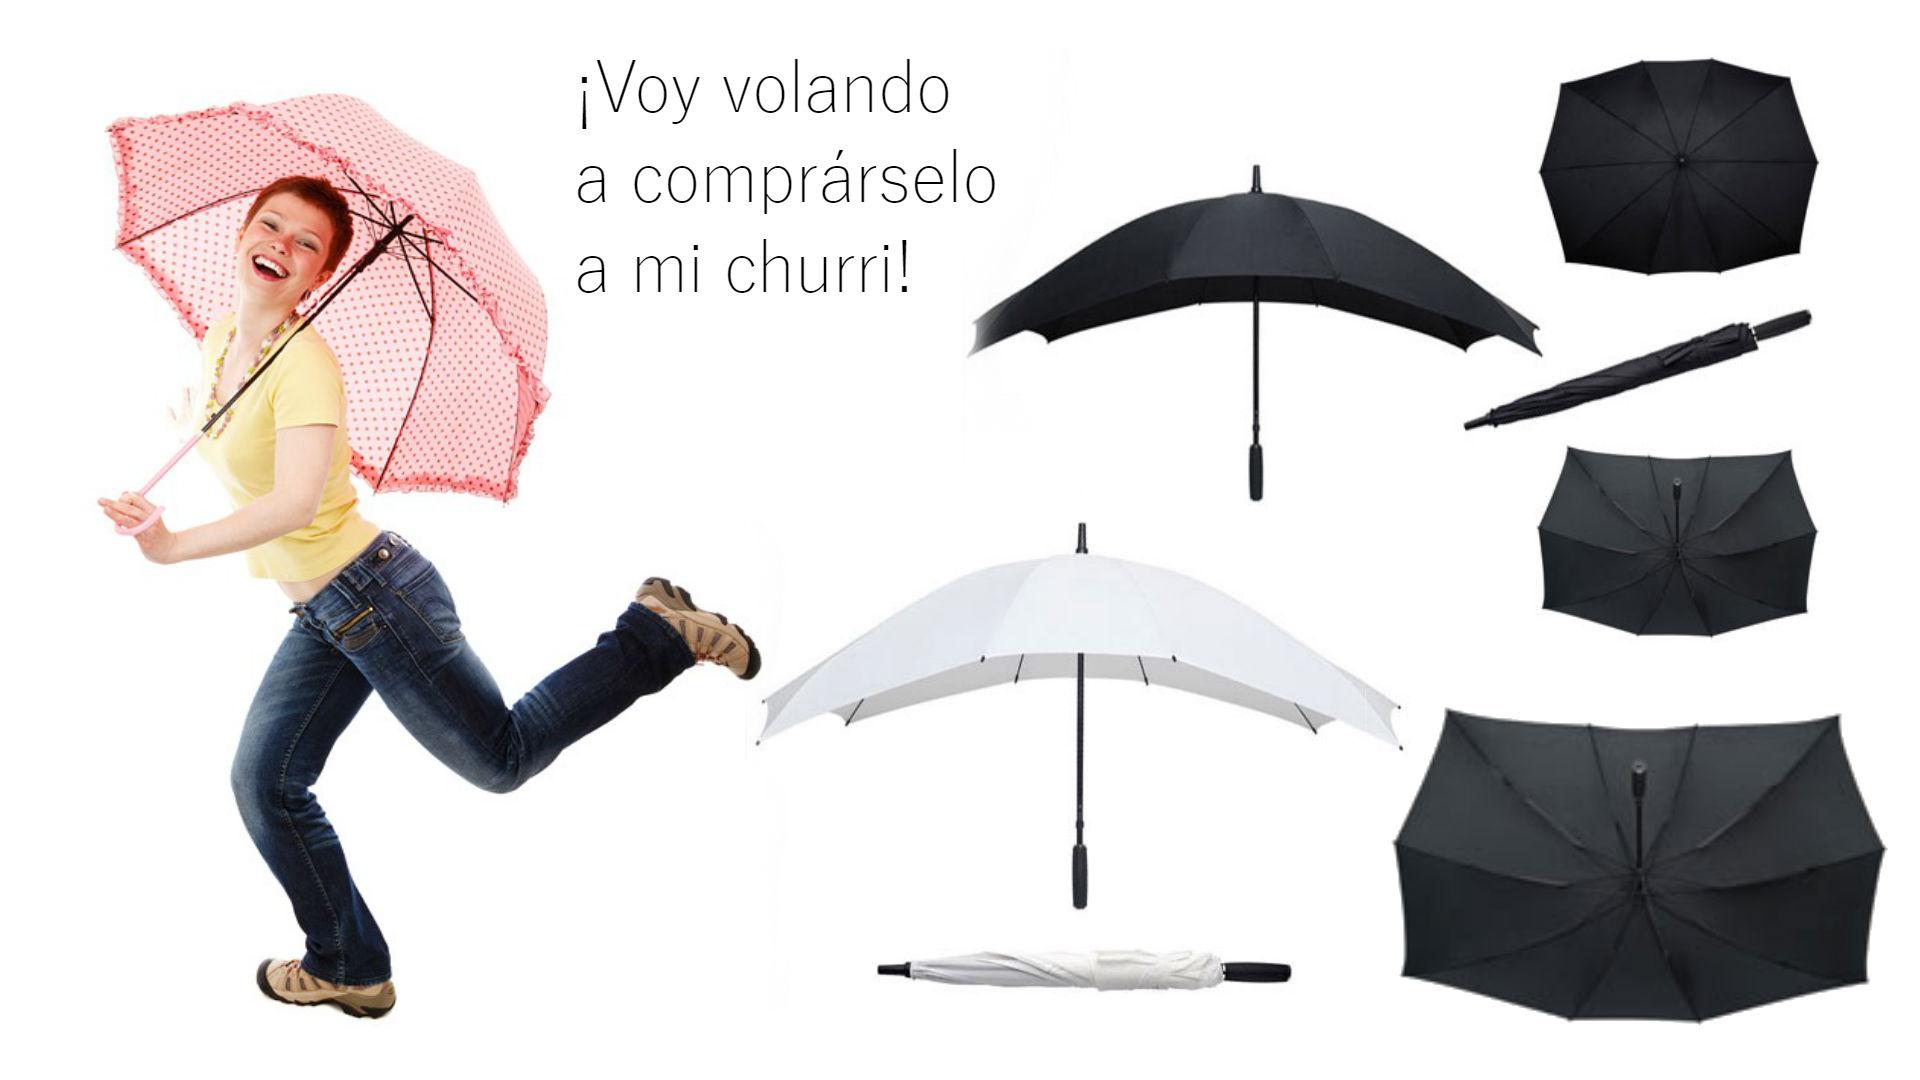 paraguas_biplaza_final.jpg